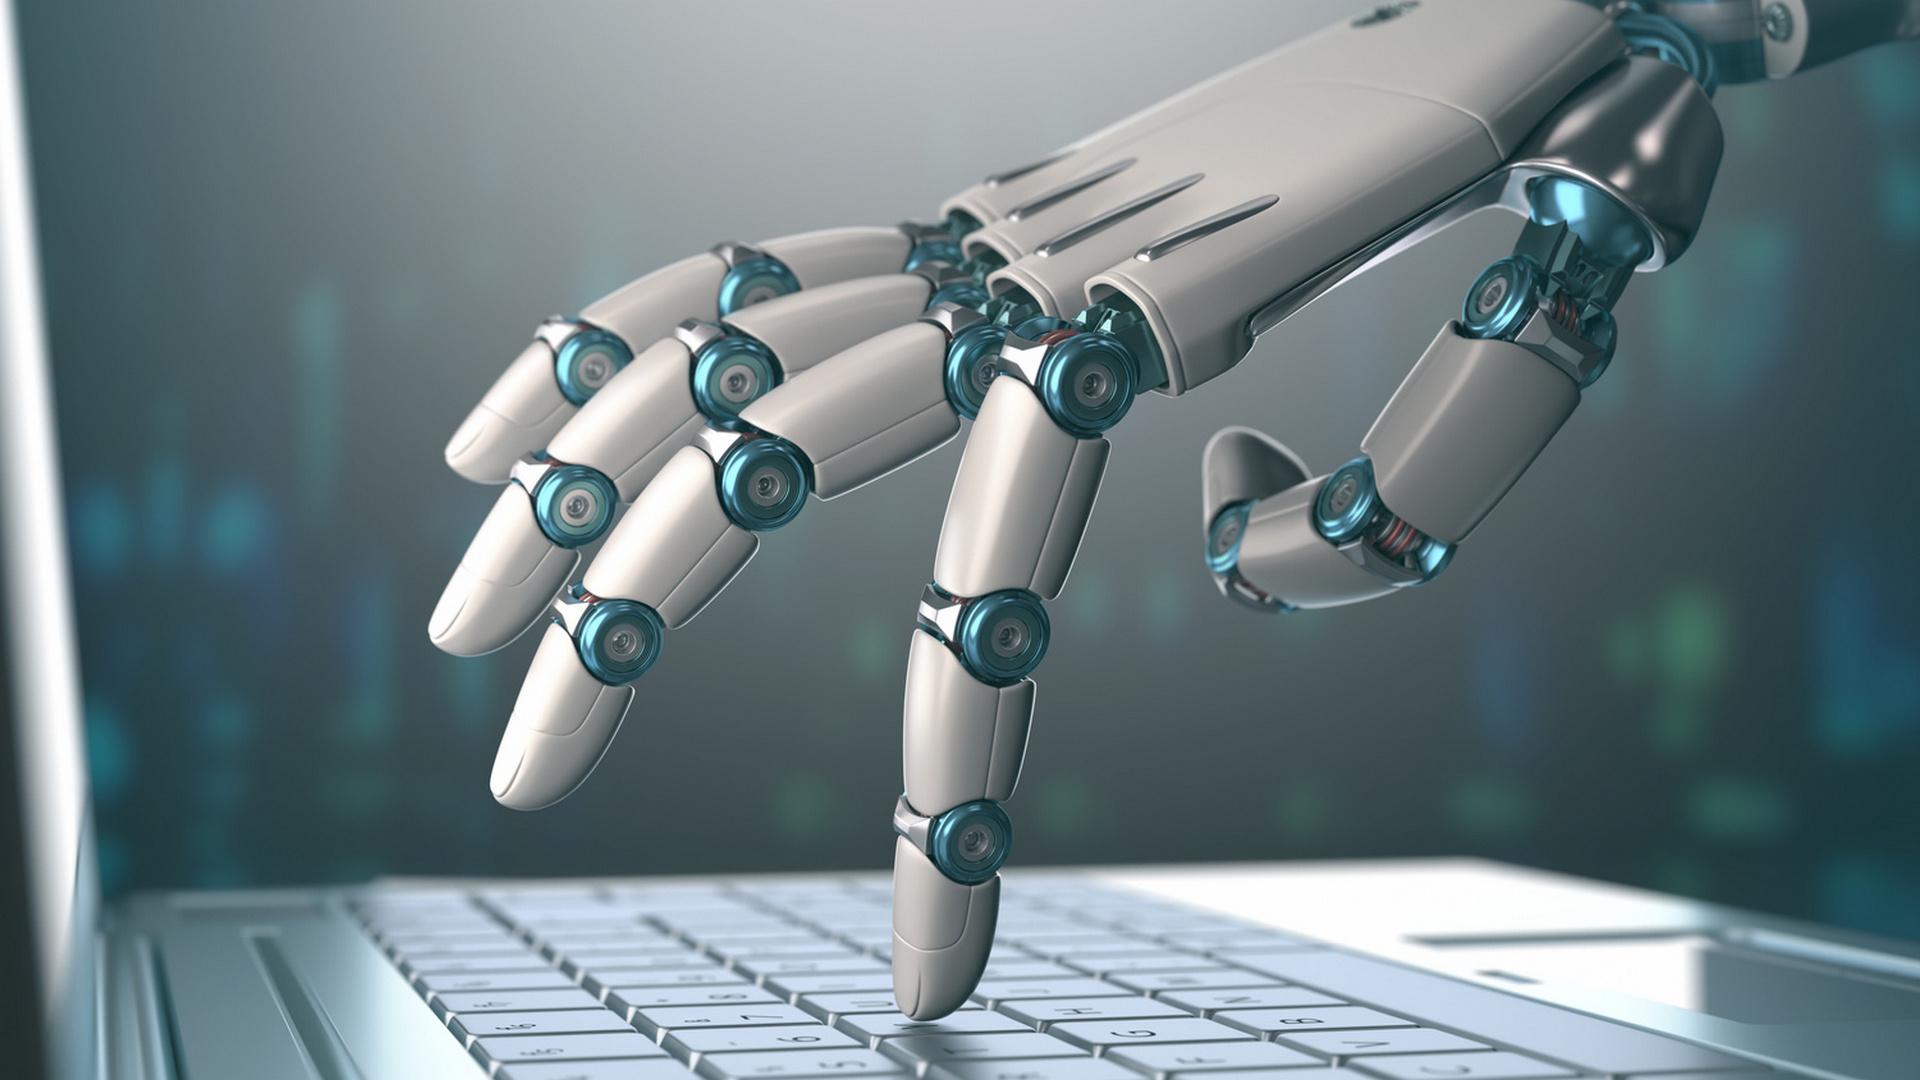 Будущее уже сегодня. Как технологические тренды меняют электронную коммерцию